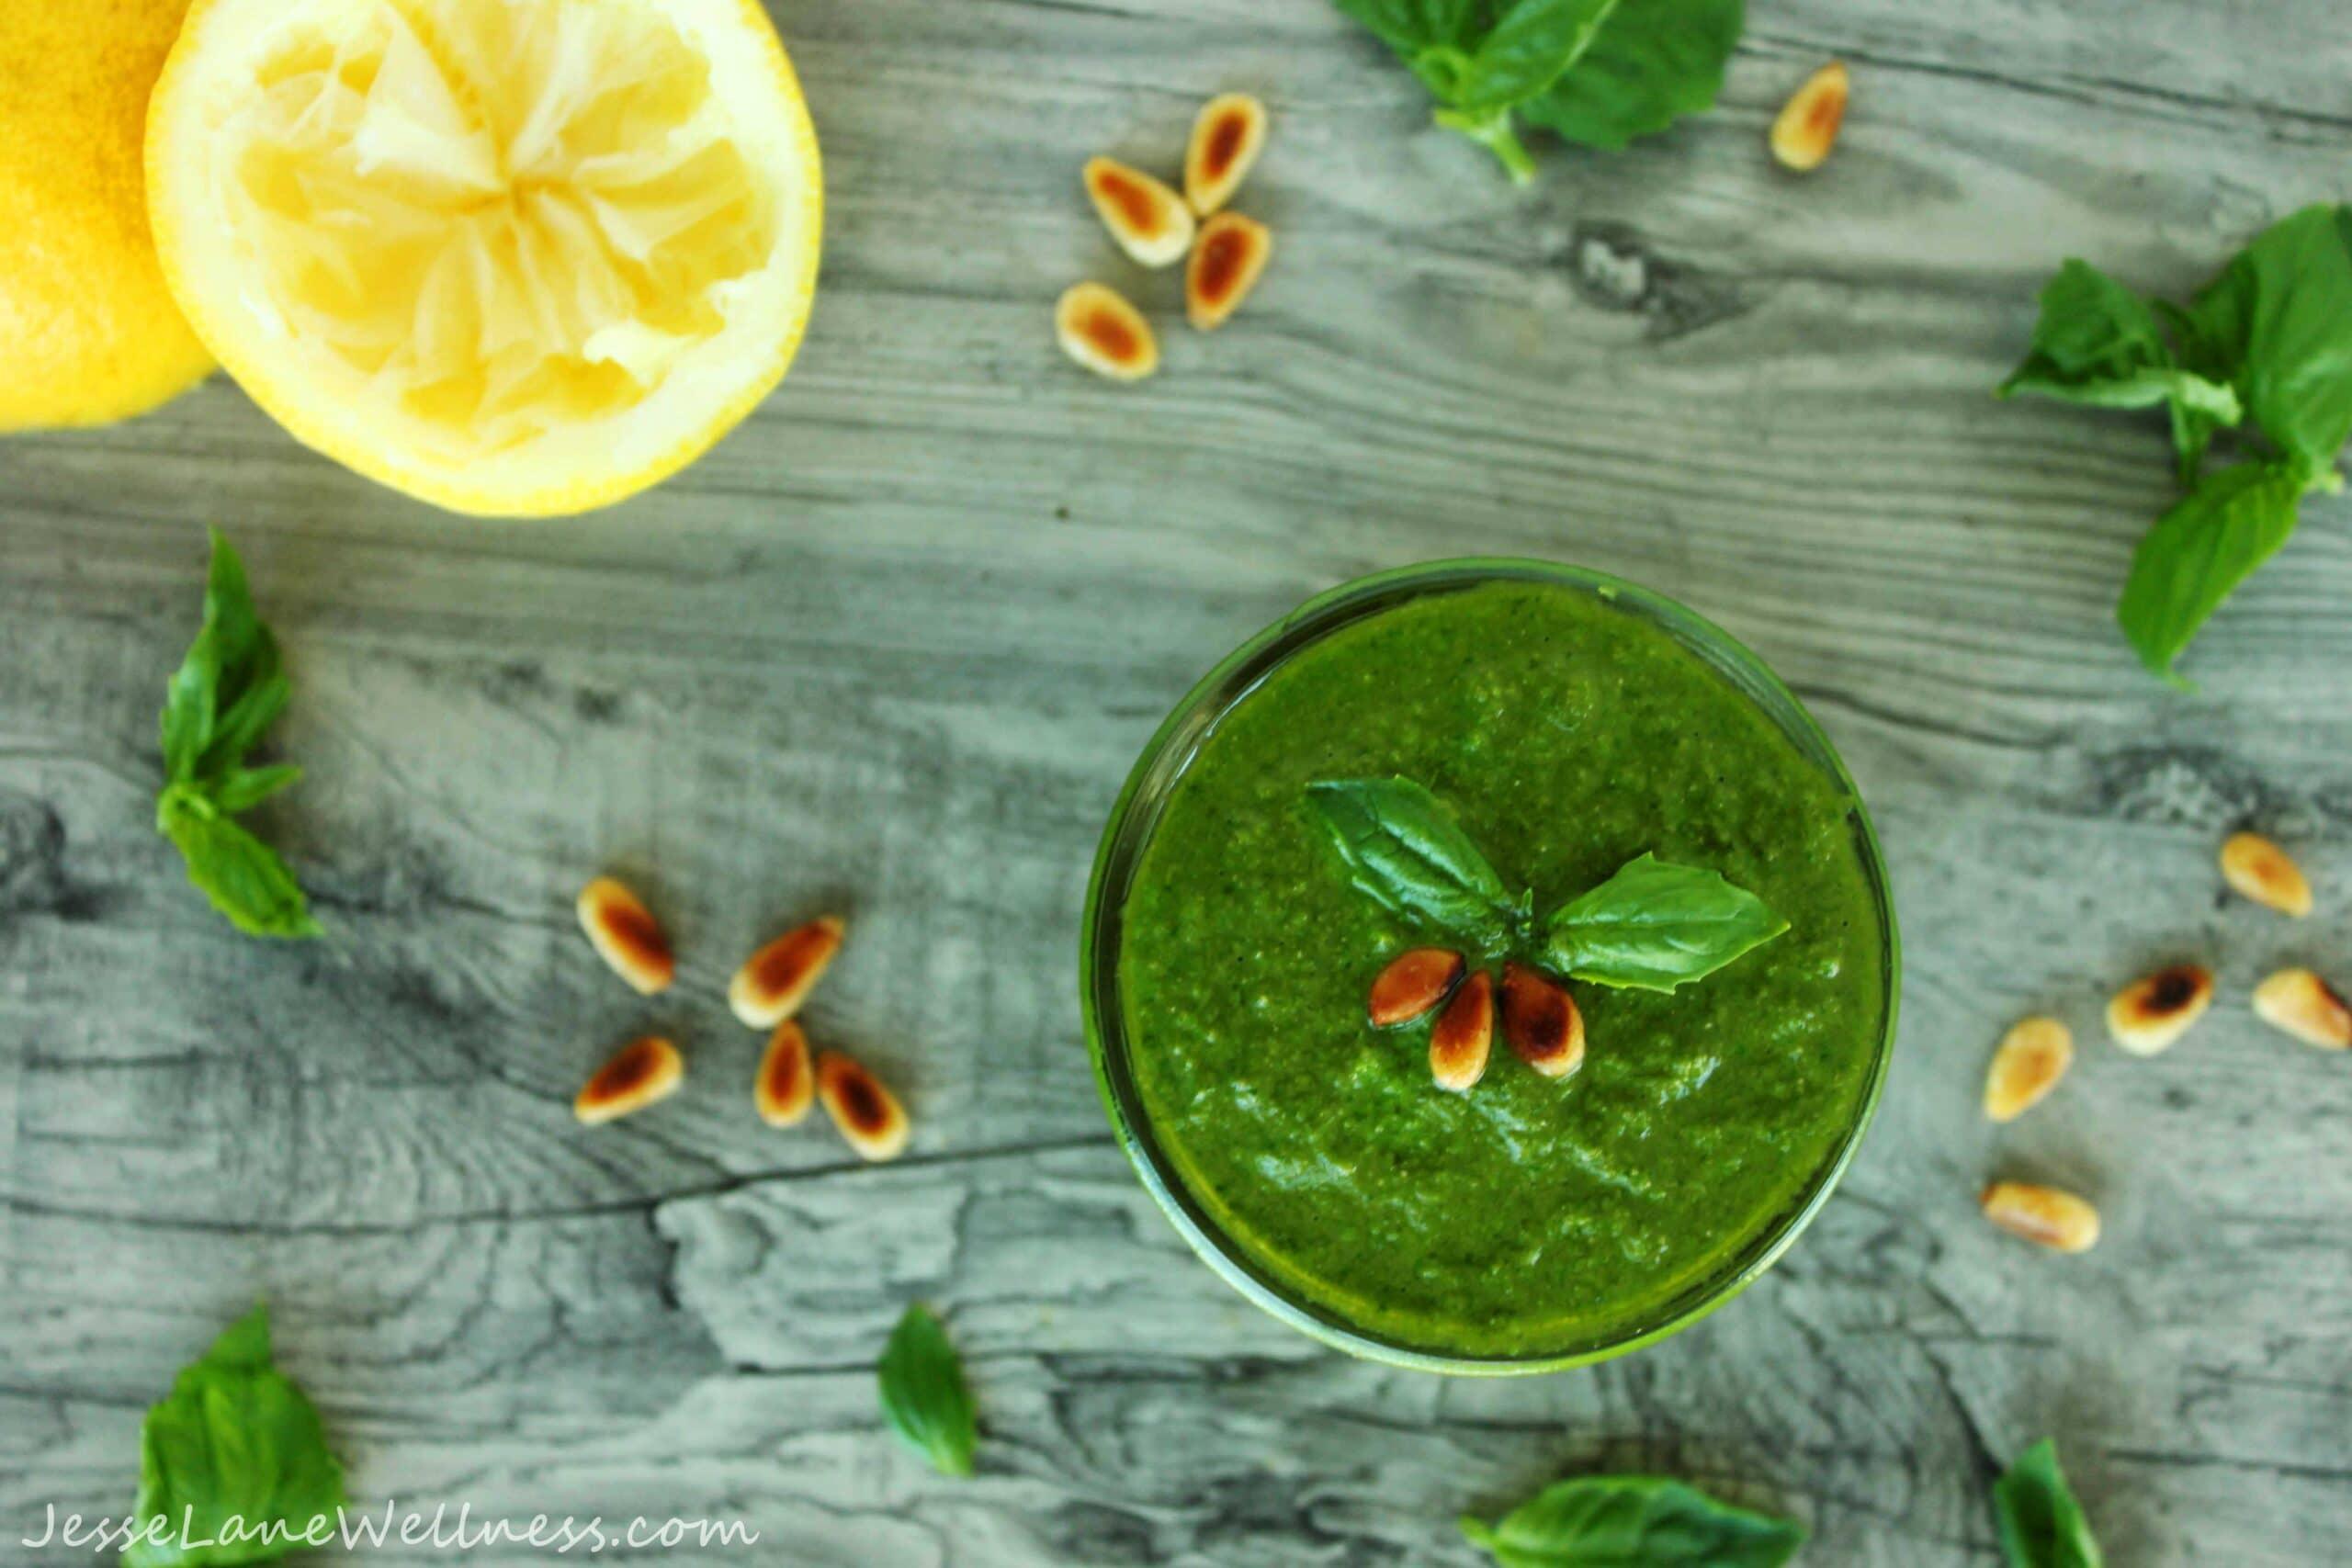 Pesto Primavera with Roasted Veggies by @JesseLWellness #pesto #vegan #dairyfree #nooch